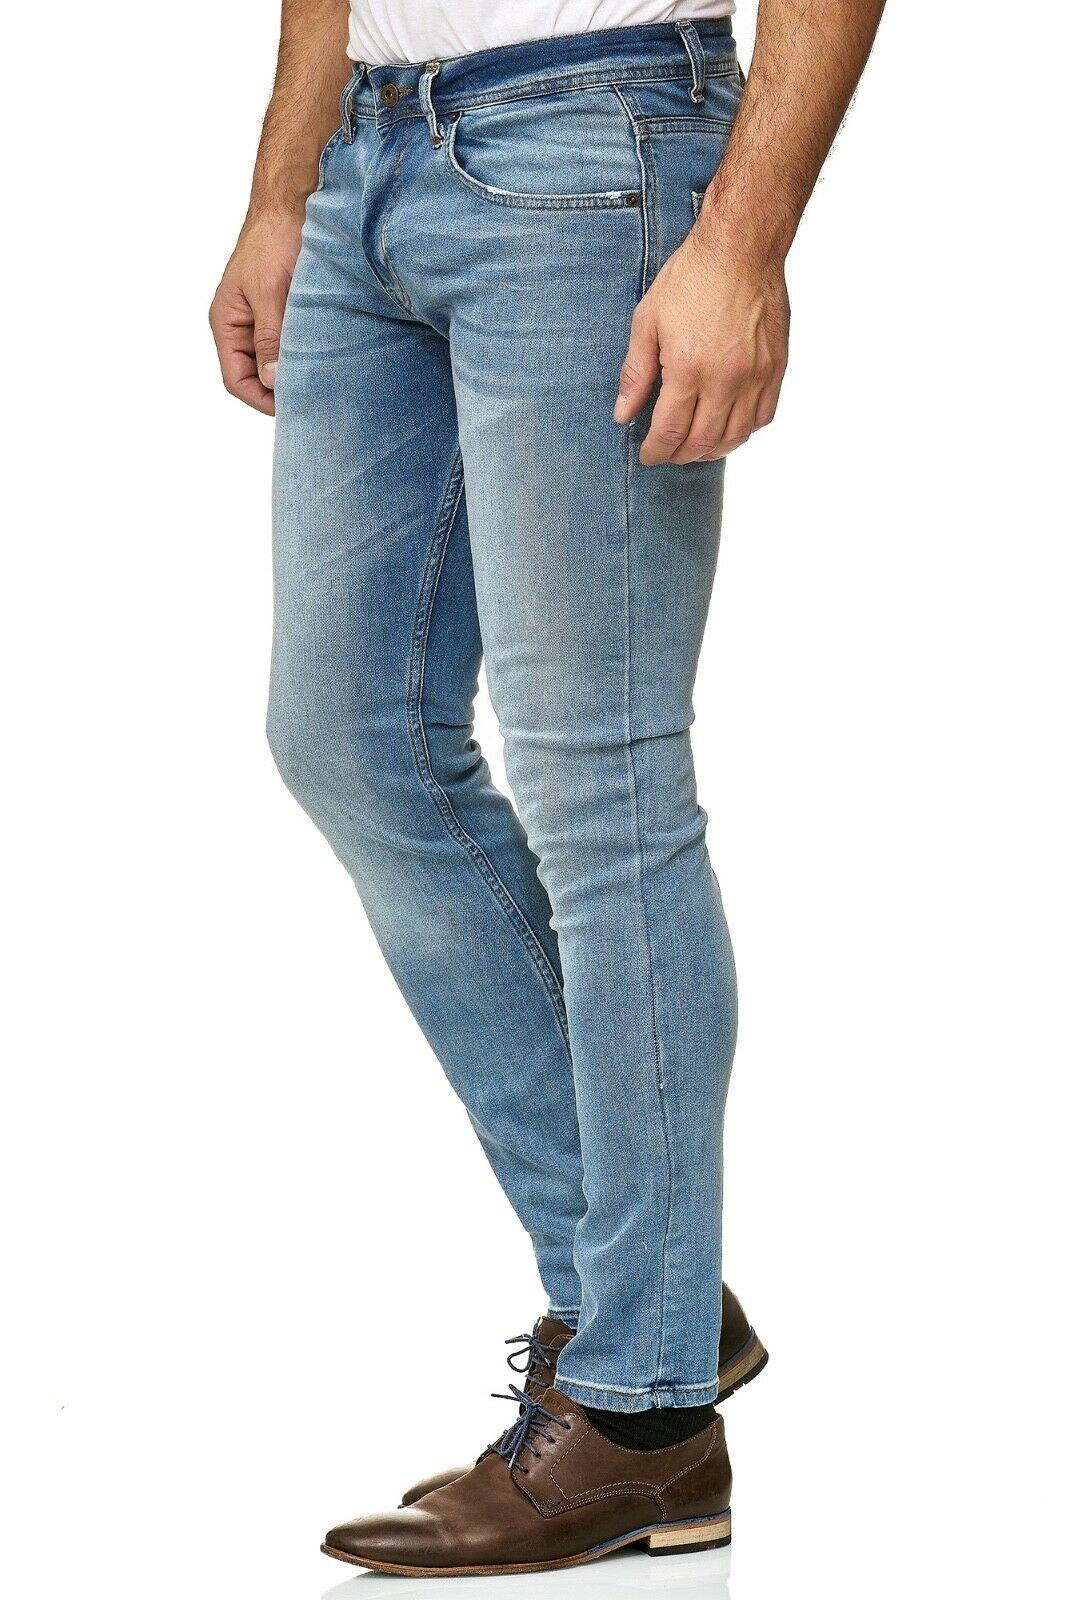 Herren-Jeanshosen-Stretch-Hose-Slim-fit-SKINNY-Jeans-Blau-Schwarz-Grau-Weiss Indexbild 45